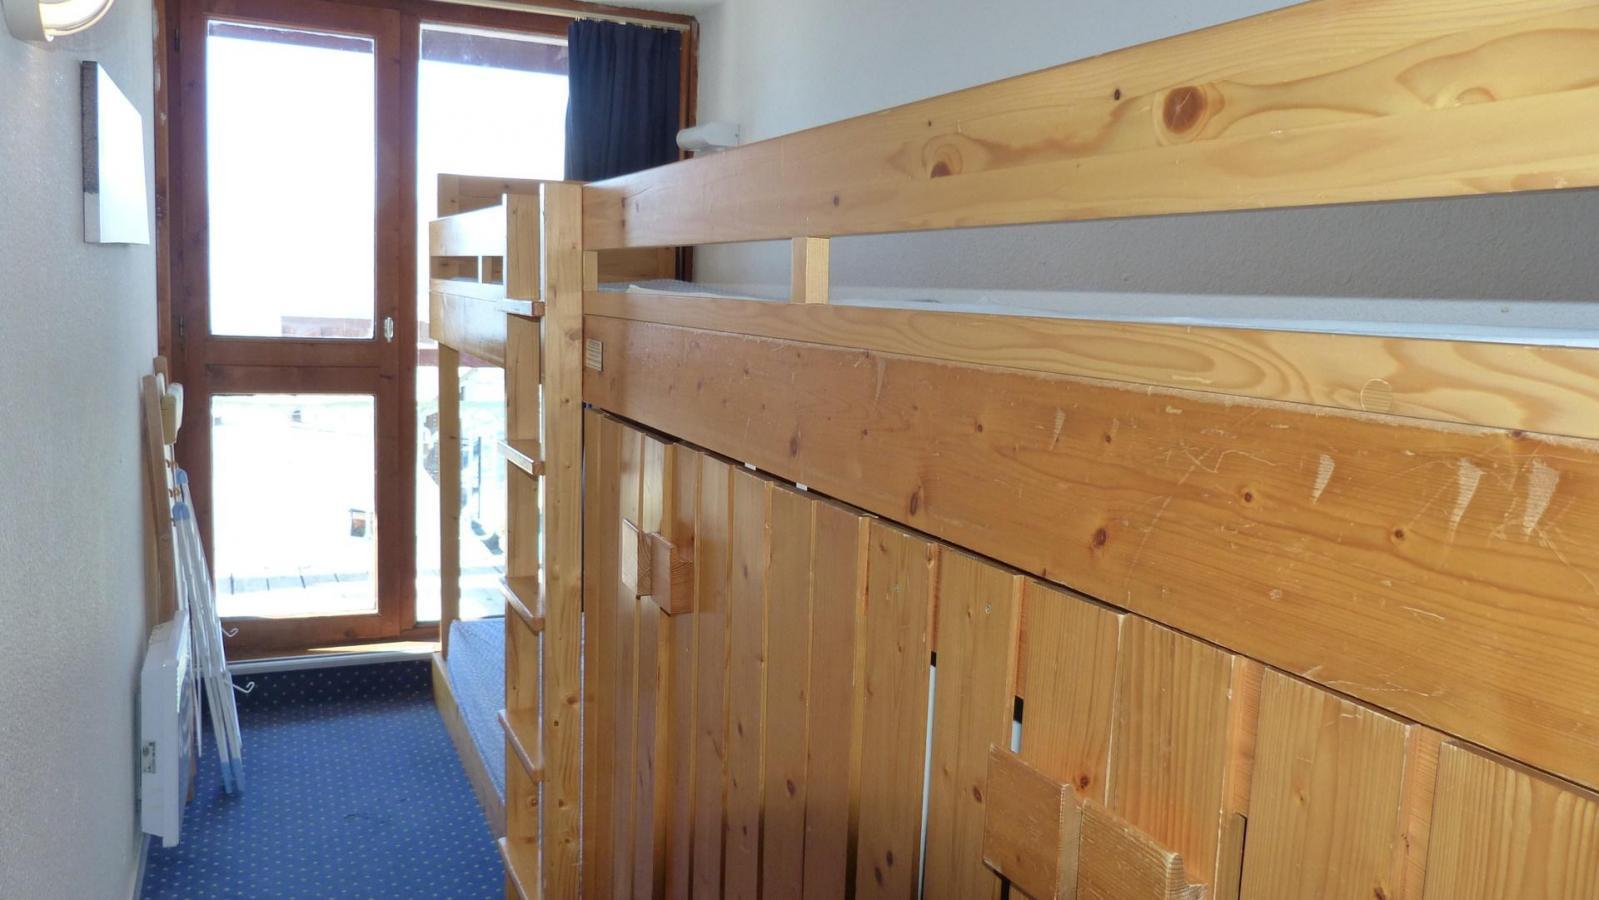 Location au ski Appartement 2 pièces 5 personnes (321) - Residence Les Tournavelles - Les Arcs - Extérieur hiver